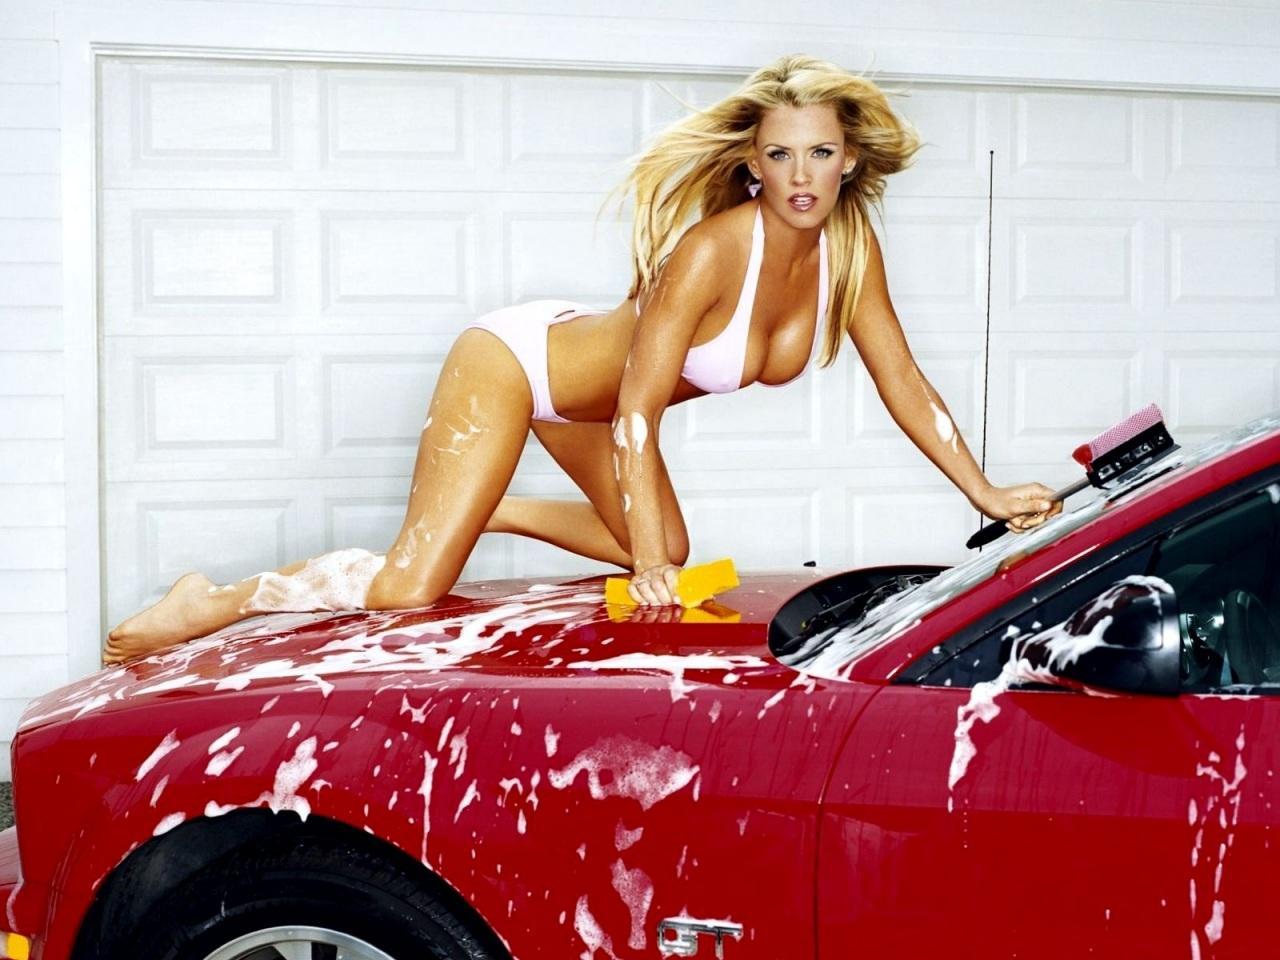 Celebrity Jenny Mccarthy HD Wallpaper